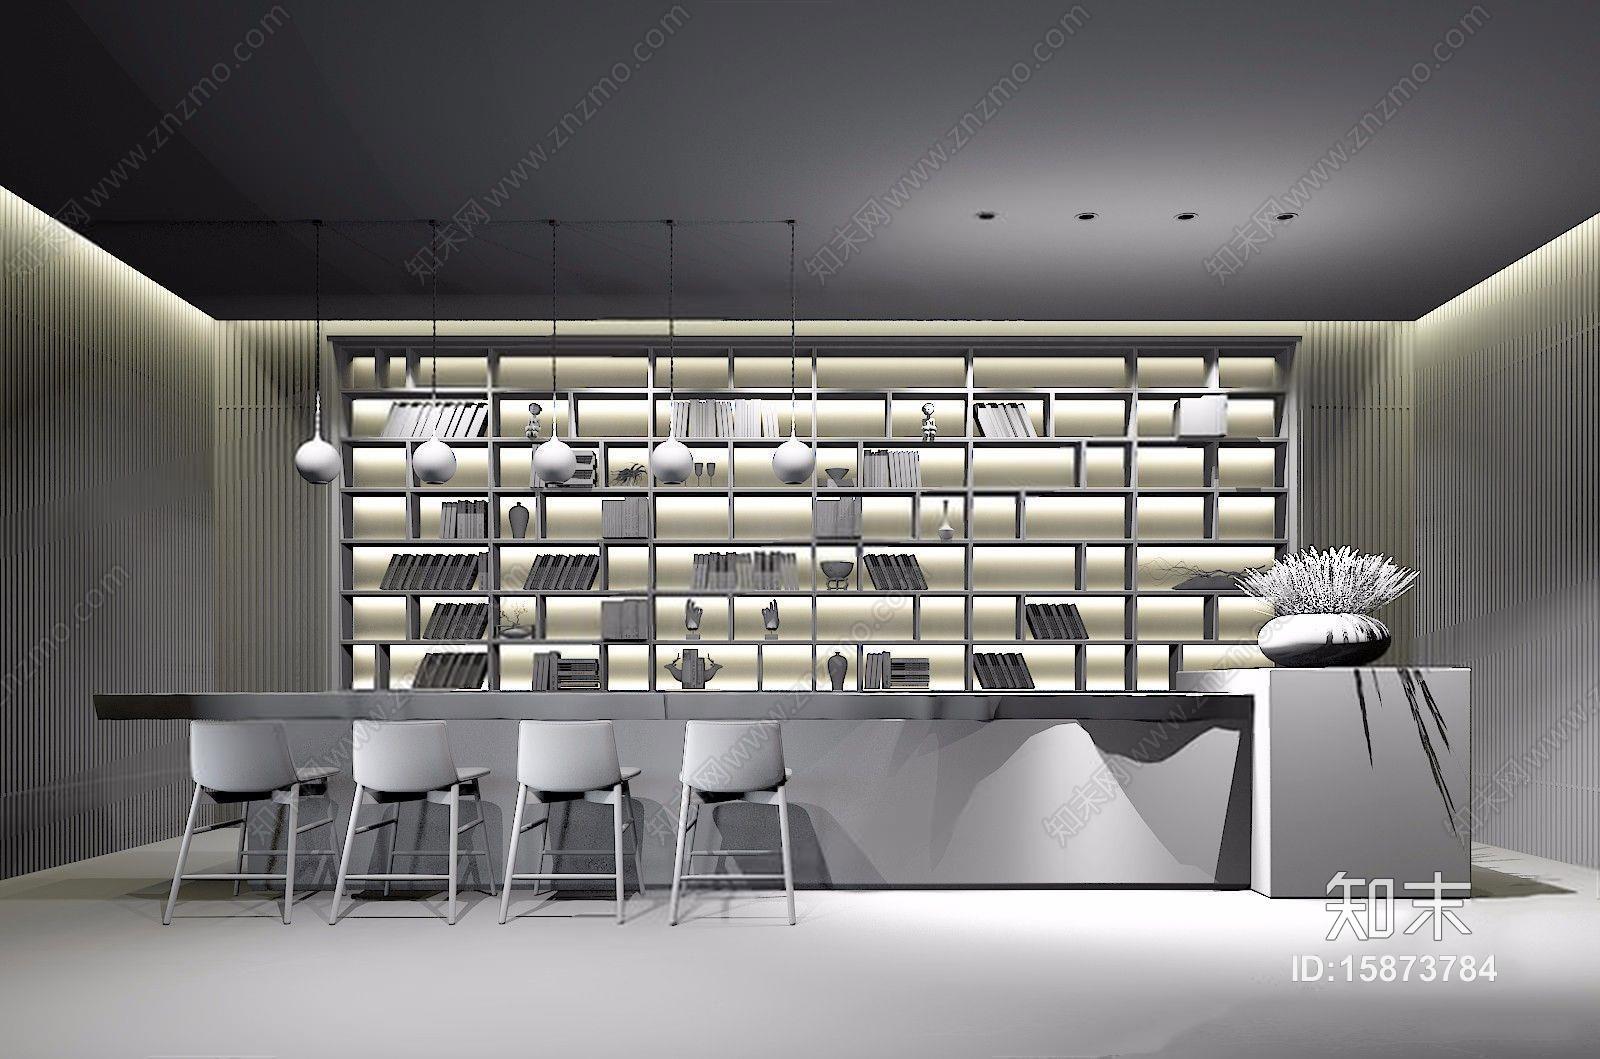 李益中现代新中式大厅前台3d模型下载【id:15873784】图片